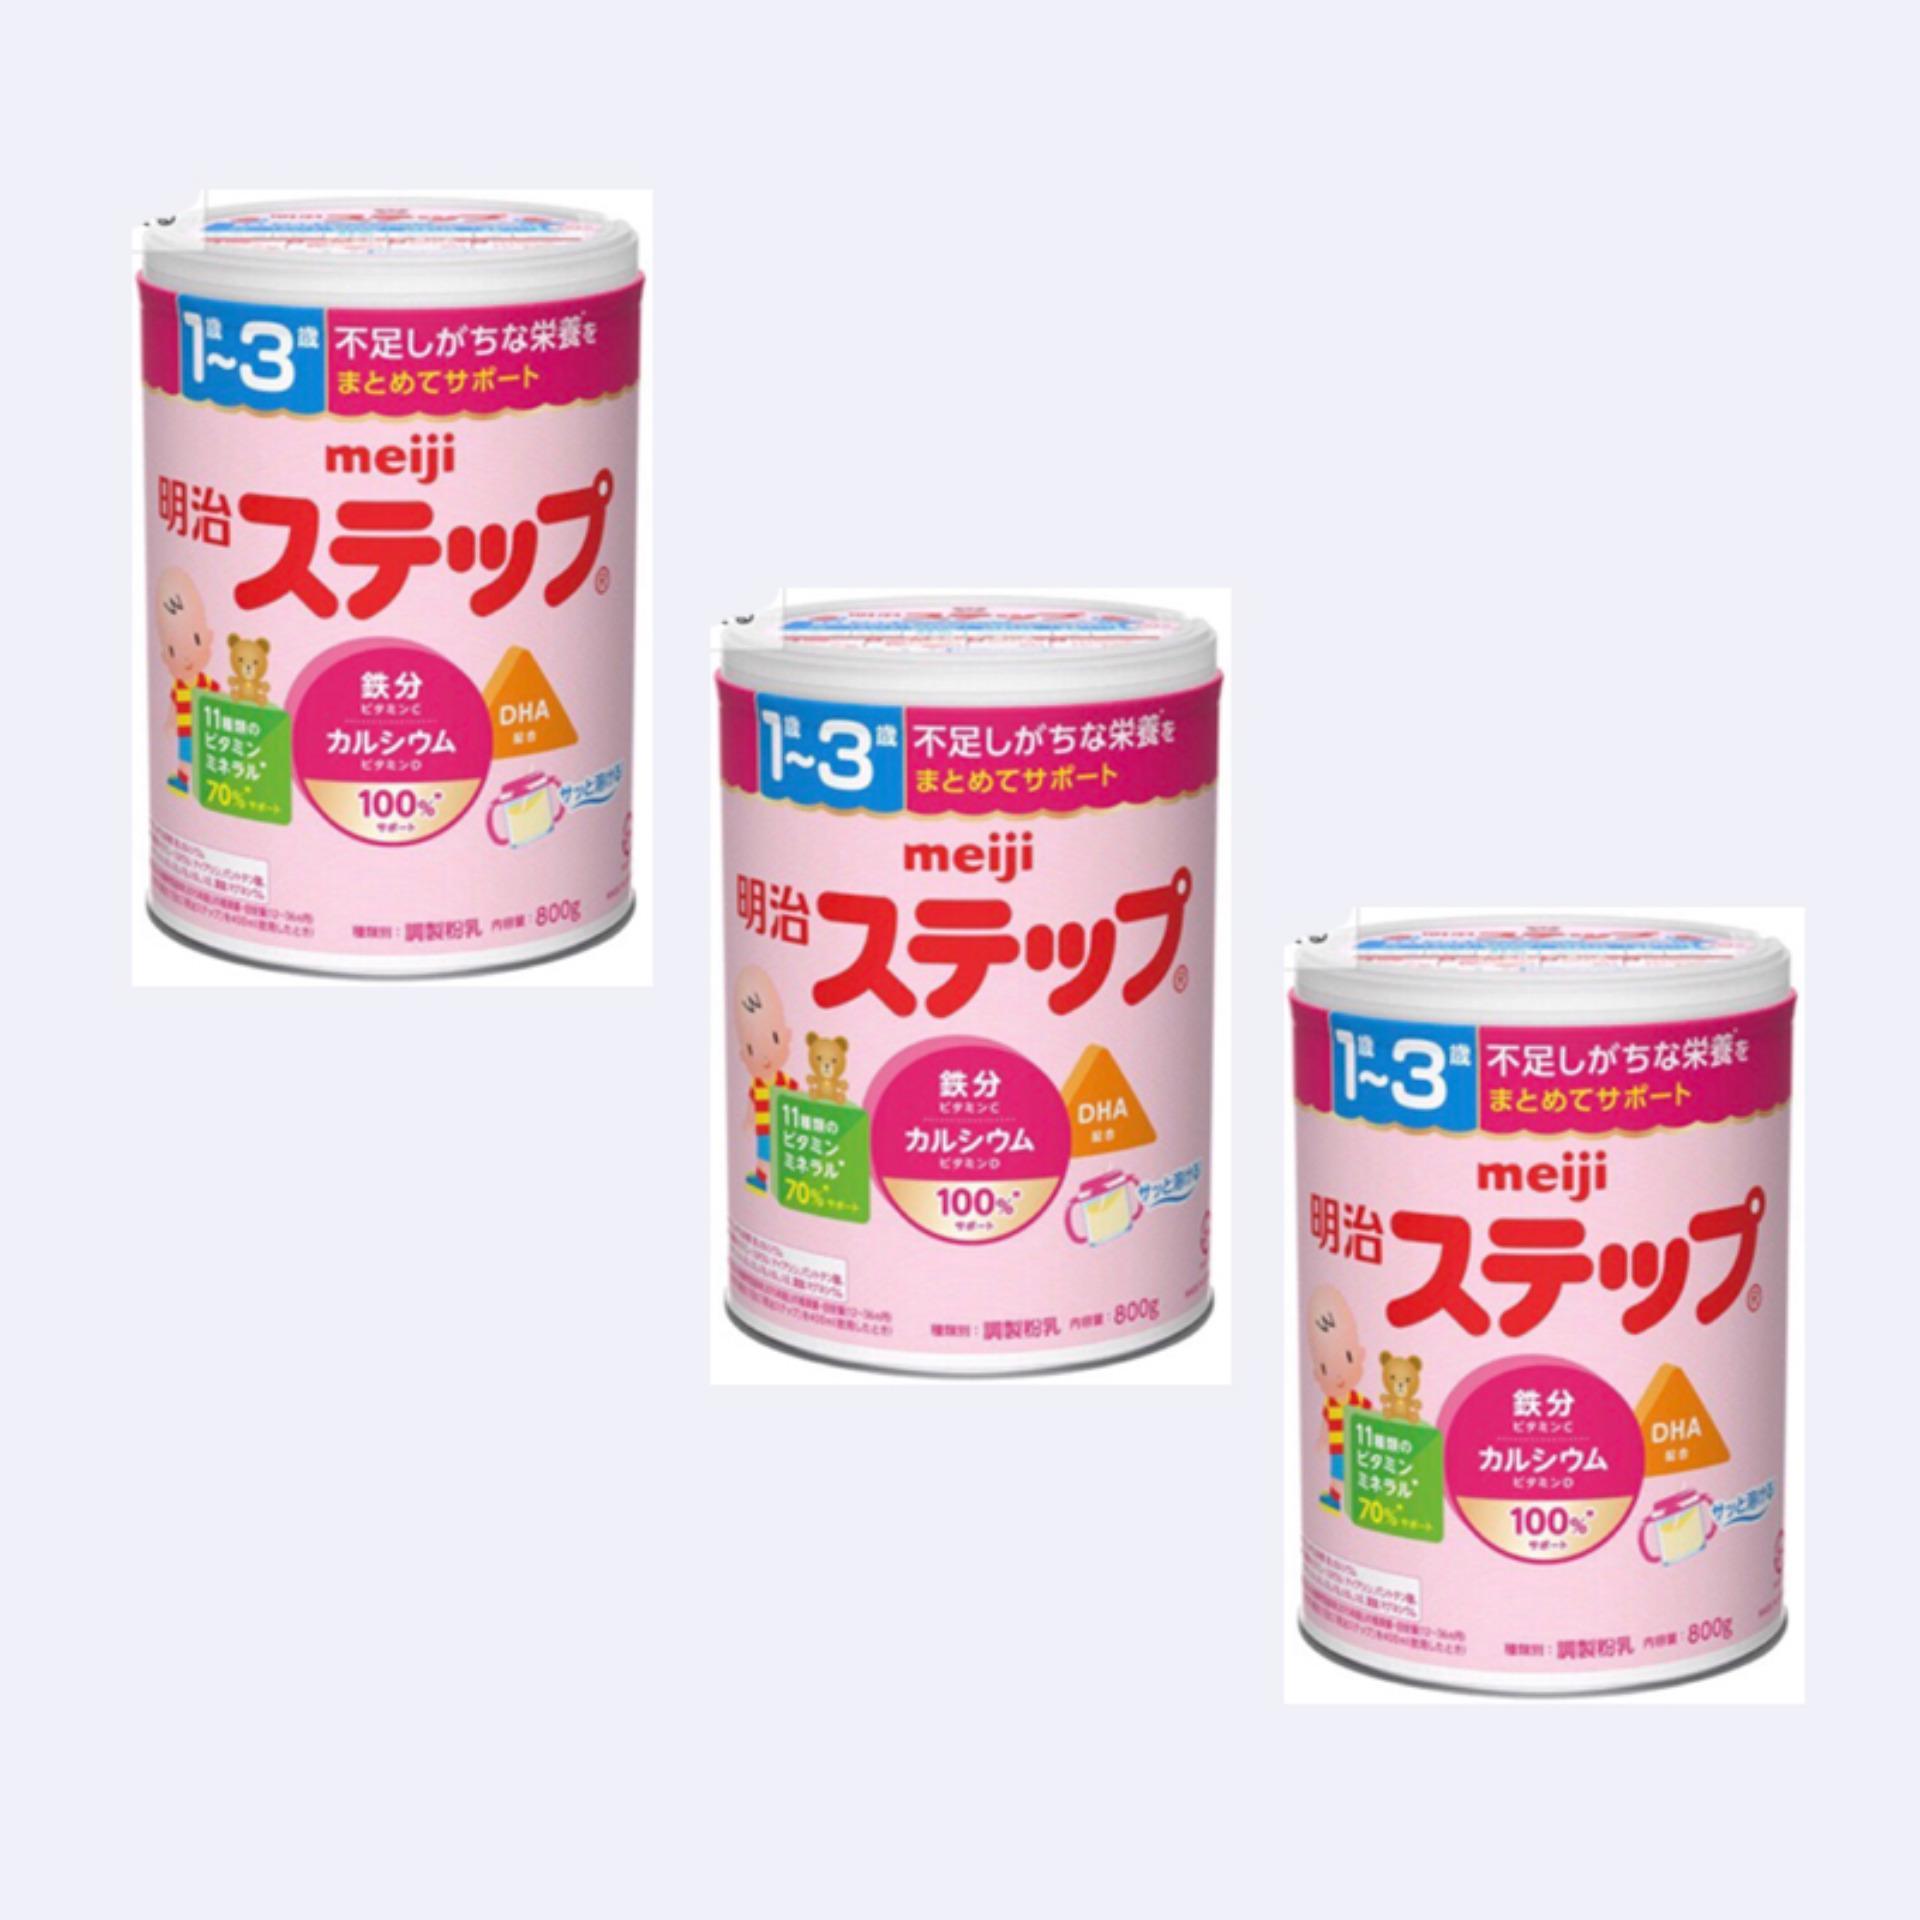 Bán Bộ 3 Hộp Sữa Meiji Só 9 820G Rẻ